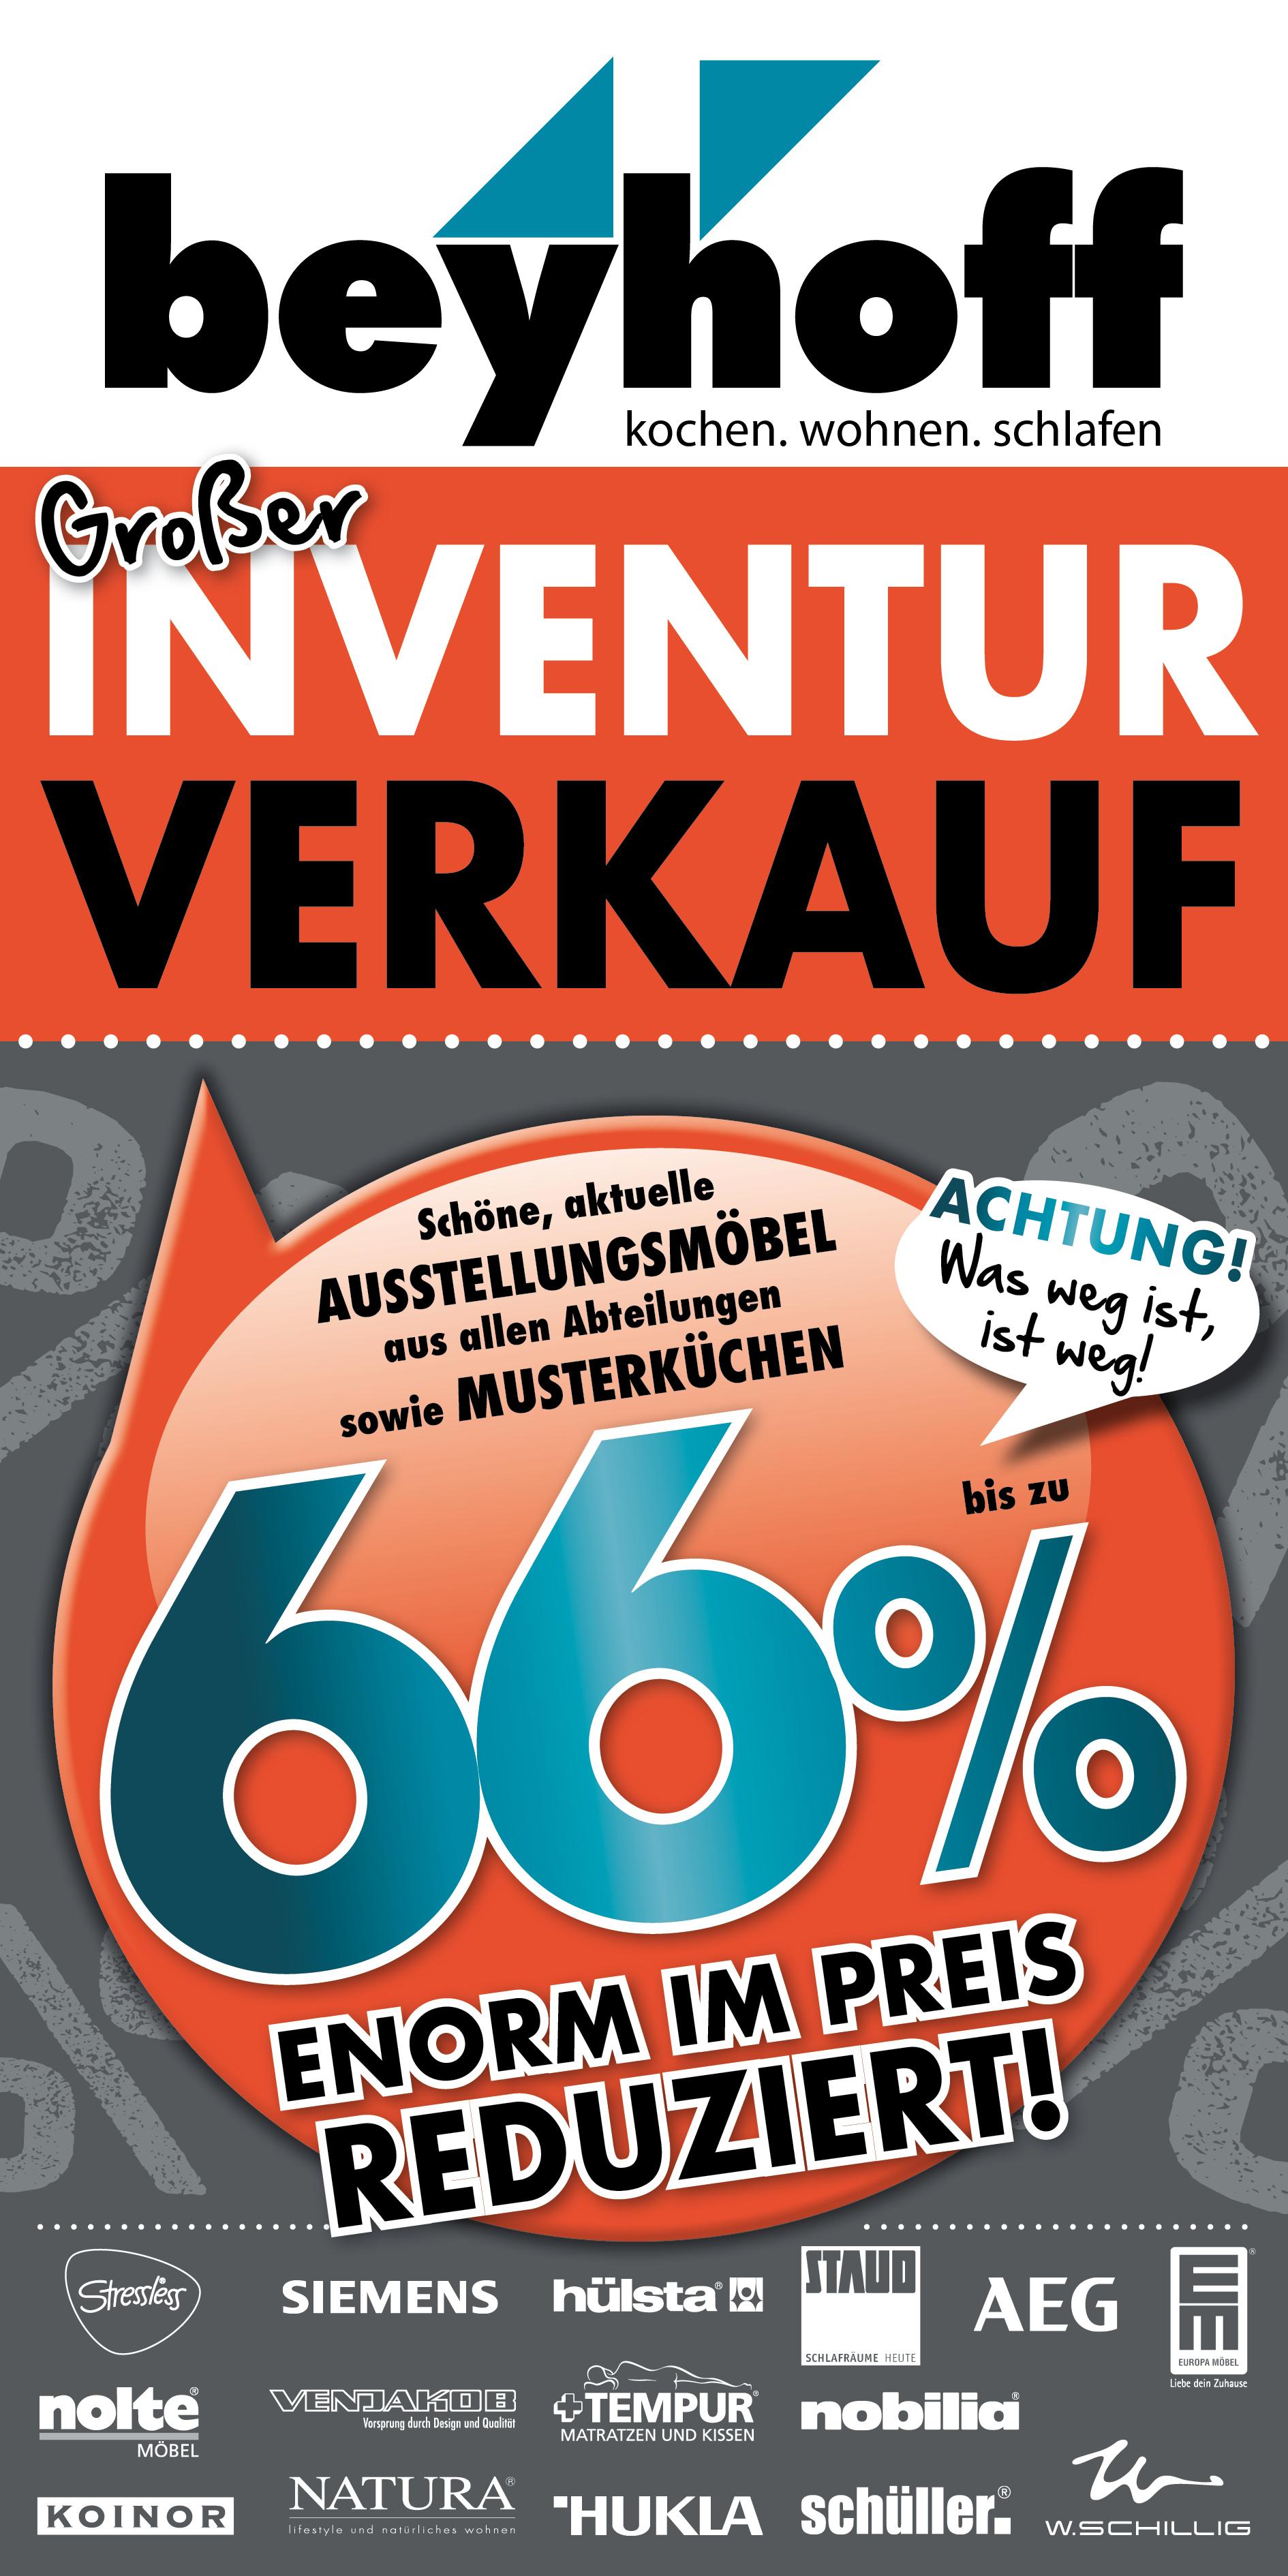 Großer Inventurverkauf Bei Möbel Beyhoff In Bottrop Unser Bottrop